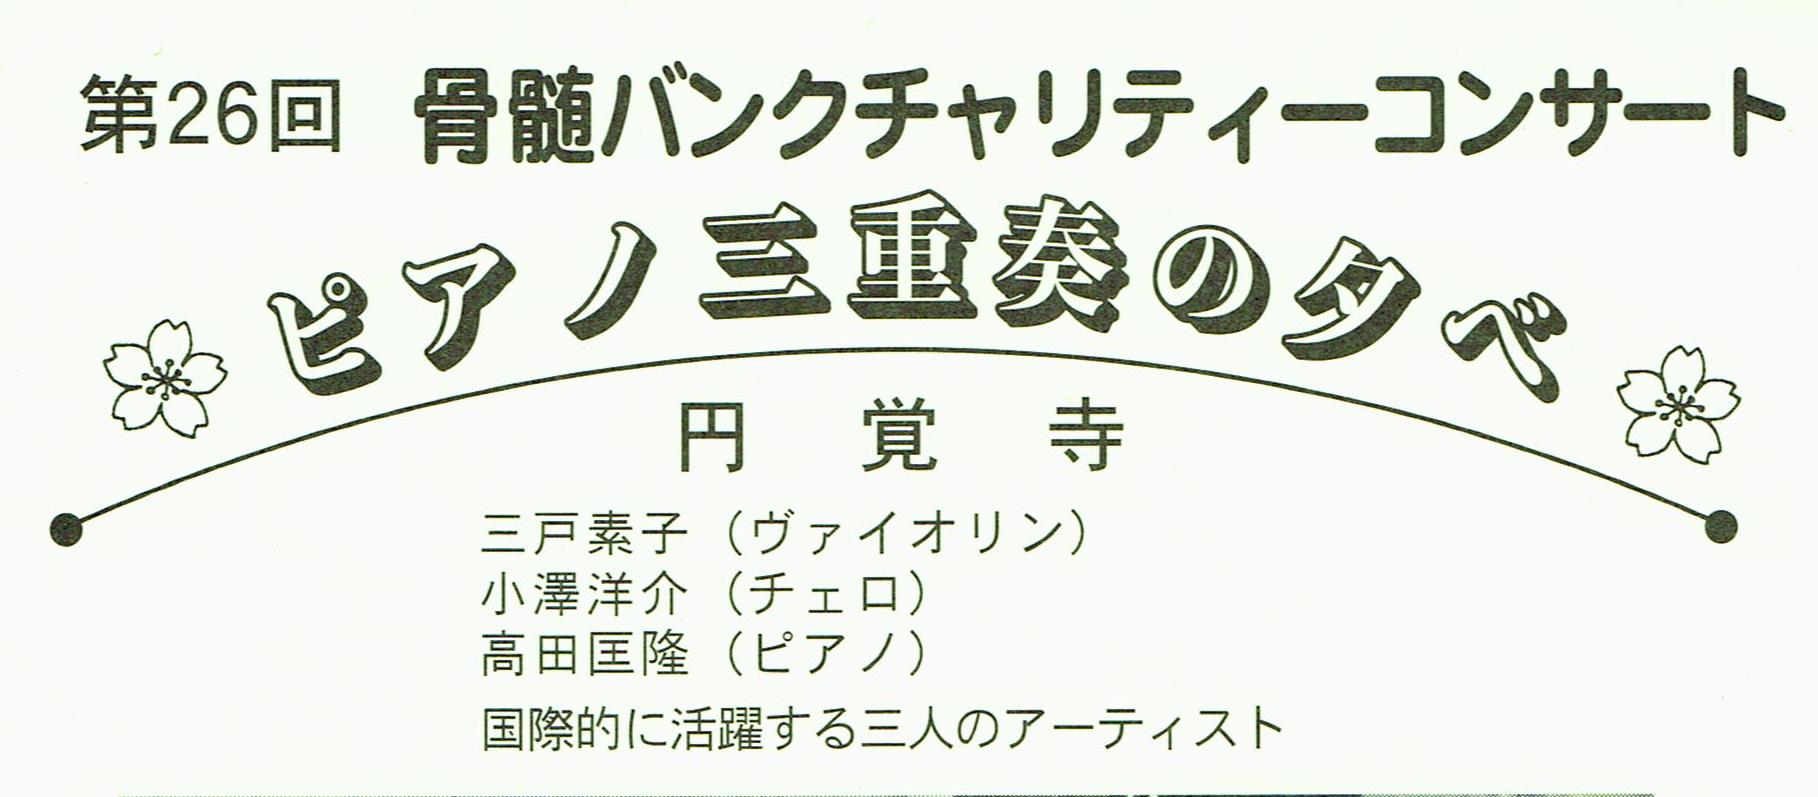 鎌倉円覚寺「春の骨髄バンクチャリティーコンサート」